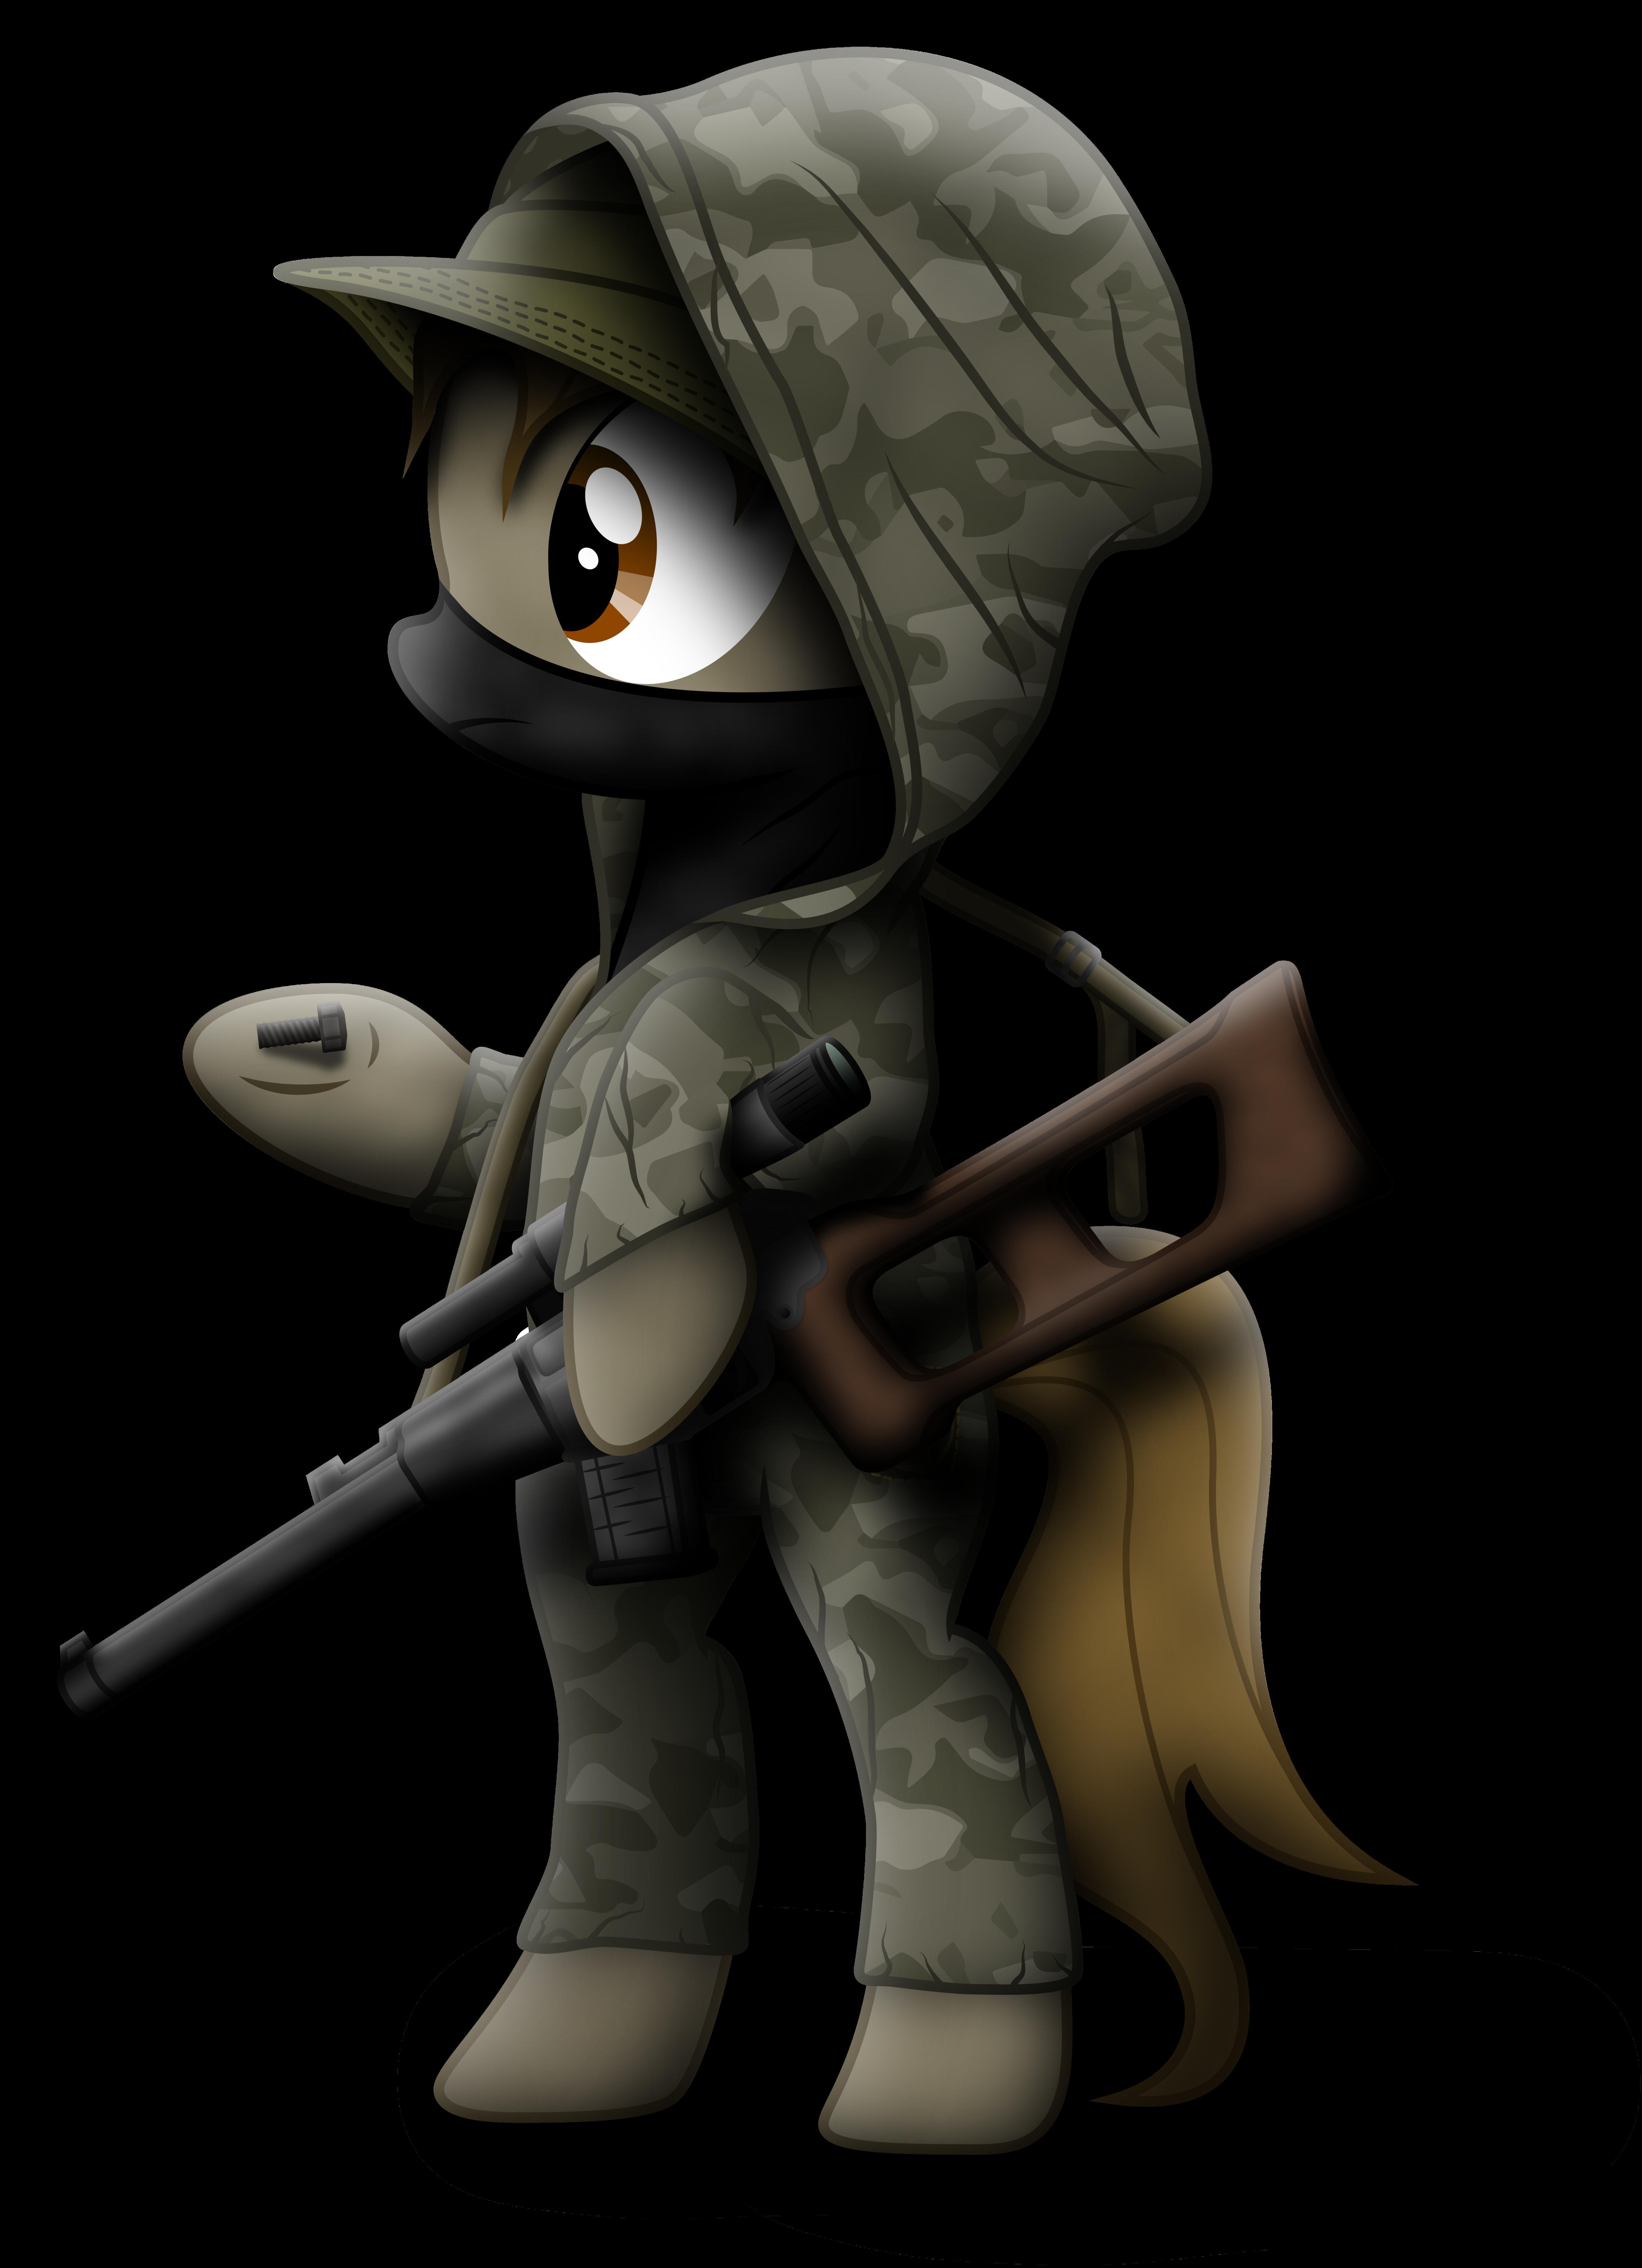 S.T.A.L.K.E.R. Pony by KiOWA213